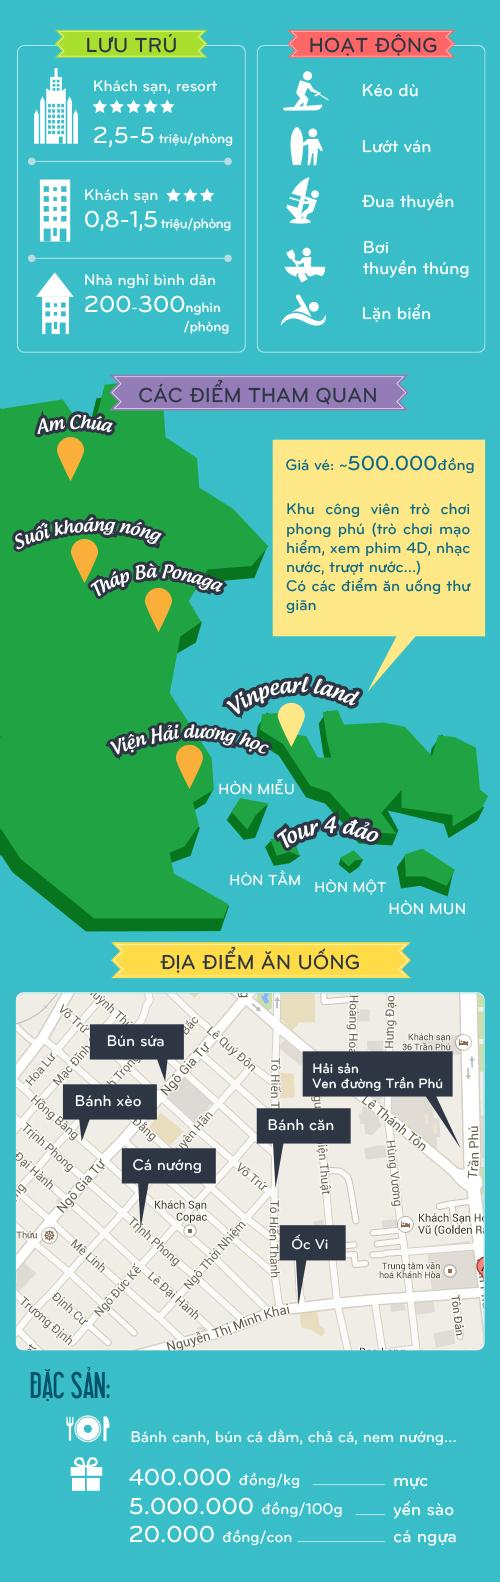 Những gợi ý nhỏ cho chuyến đi hạ nhiệt ngắn ngày ở Nha Trang